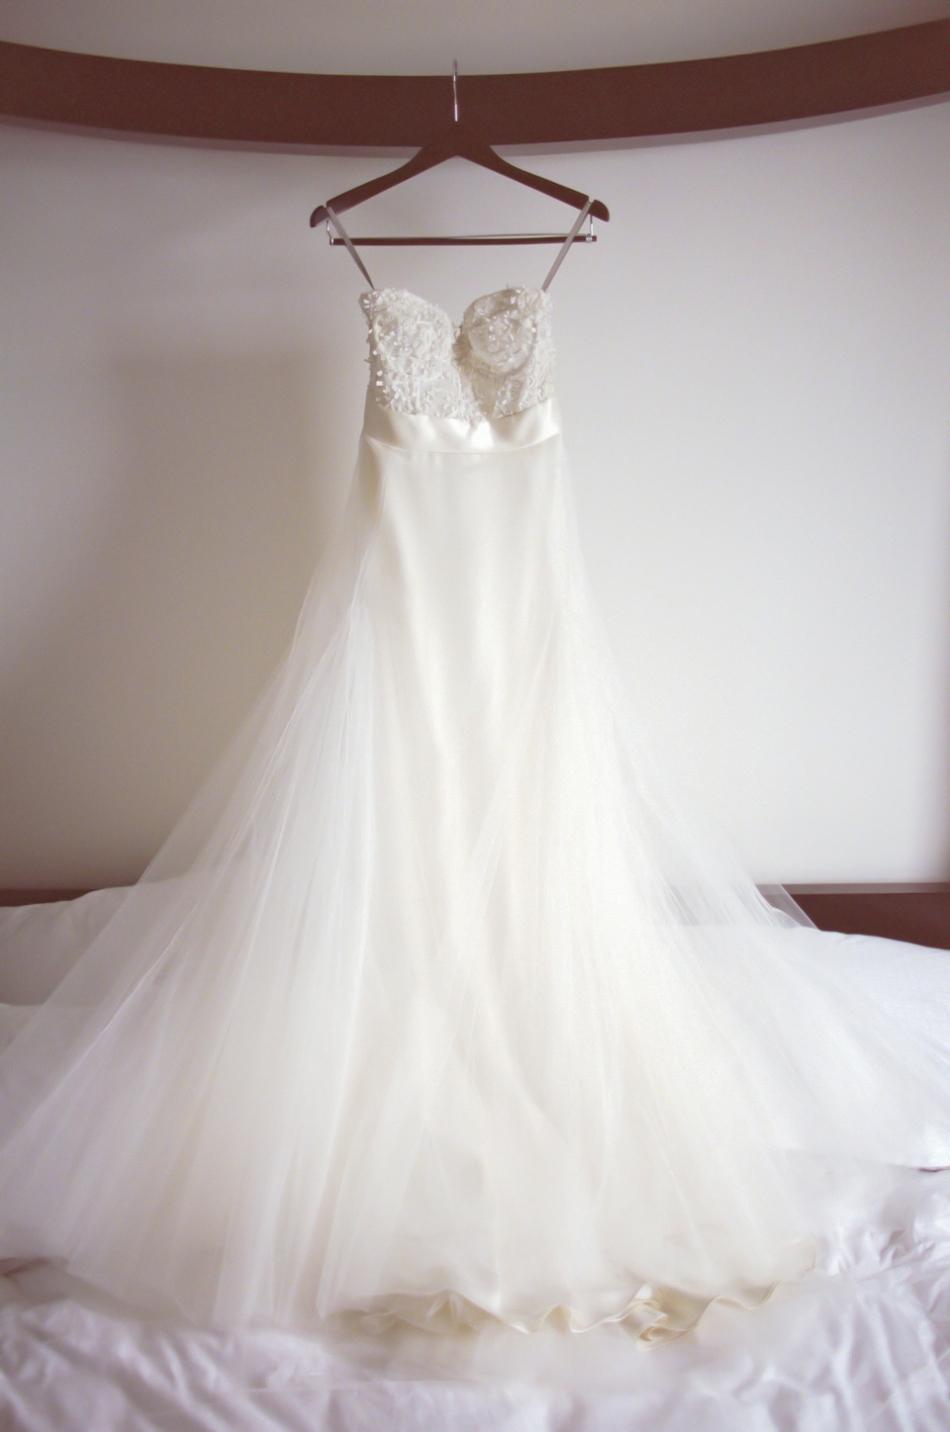 Palm Beach Wedding Dress : Luxe report entertaining a palm beach wedding